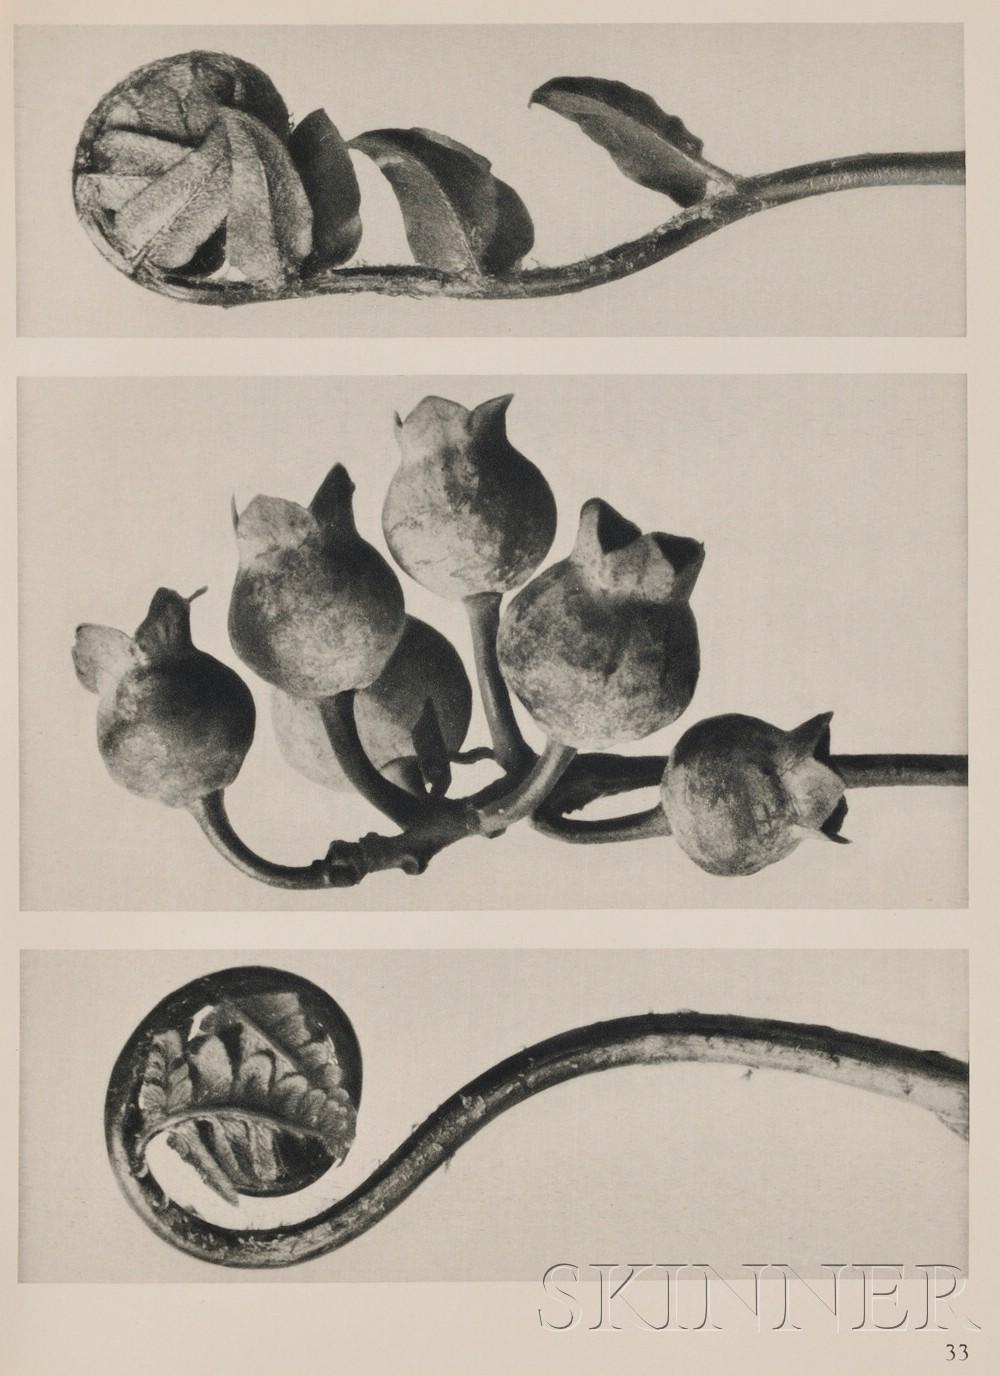 Blossfeldt, Karl (1865-1932)